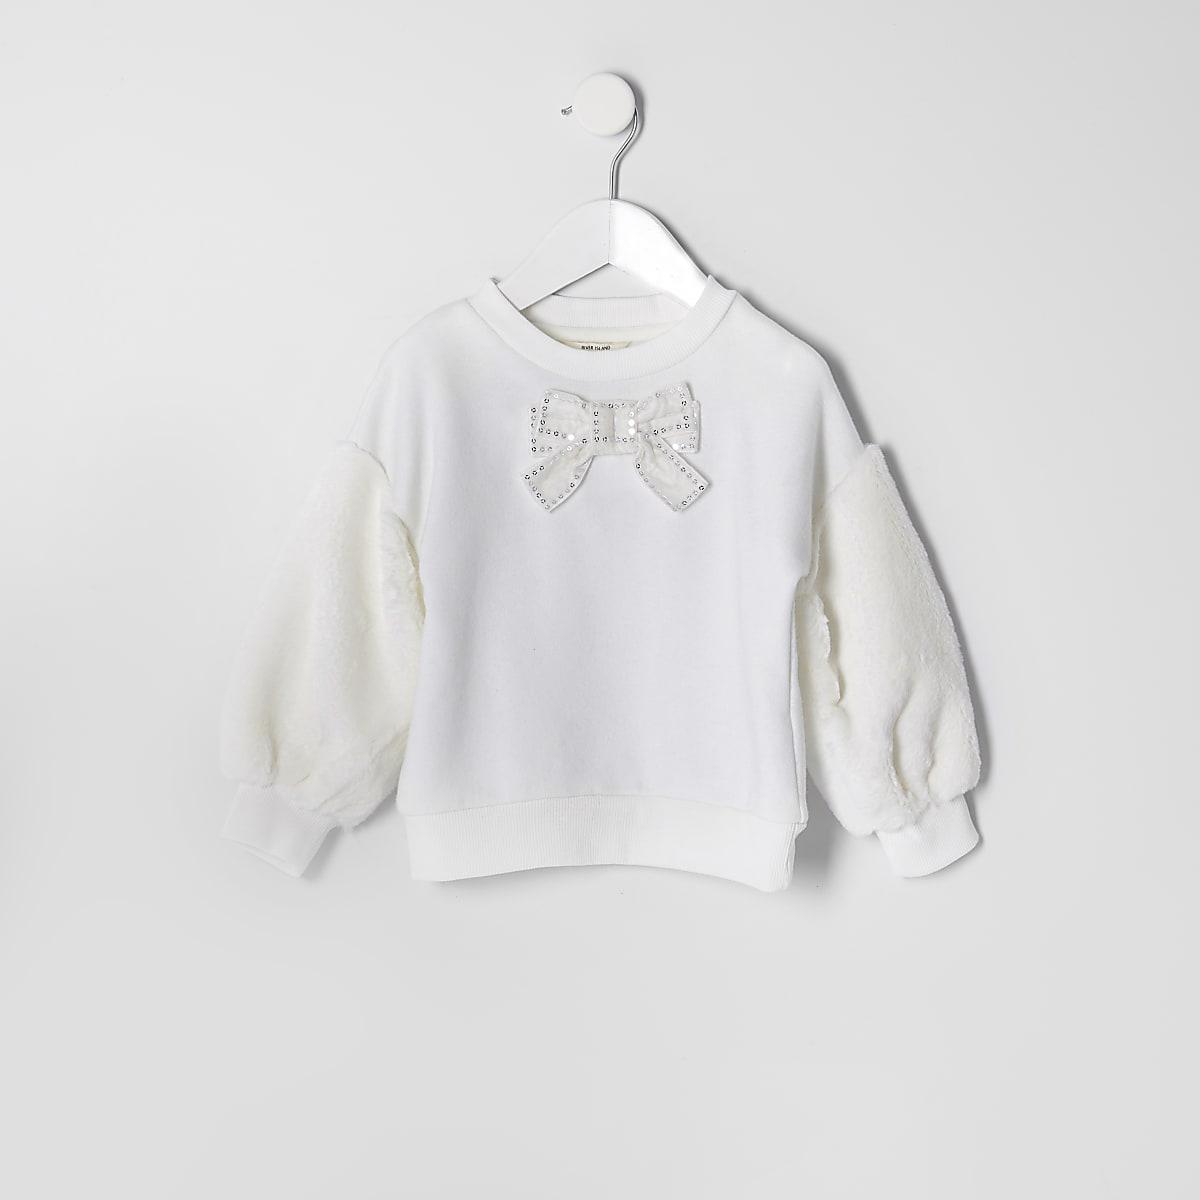 Mini - Crèmekleurige sweater met mouwen van imitatiebont voor meisjes